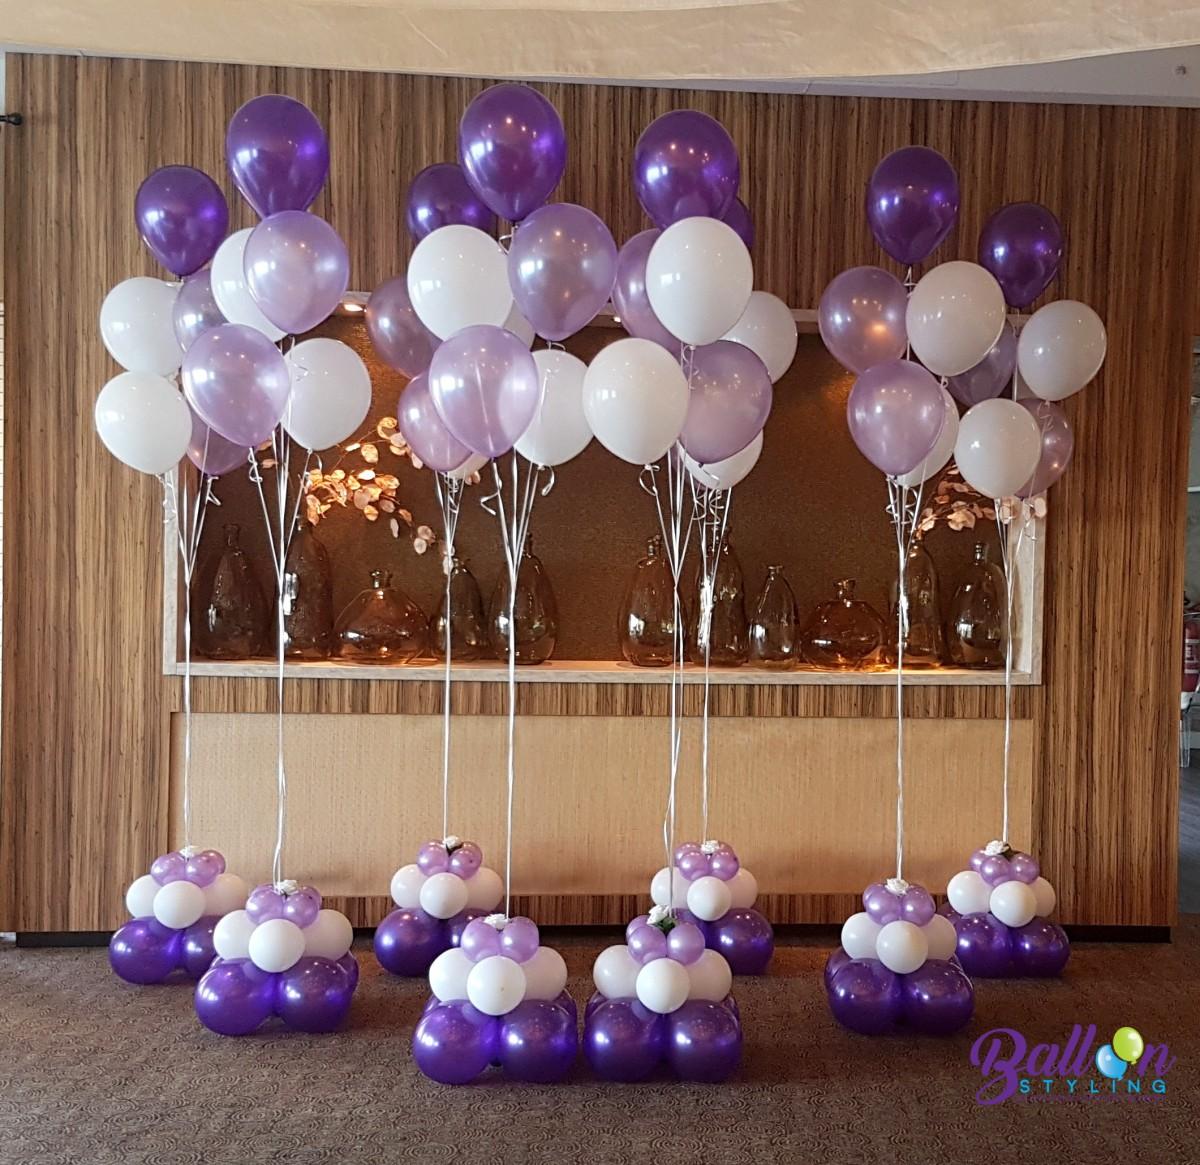 Balloon Styling heliumballonnen heliumballon gronddecoratie met een zijden roos